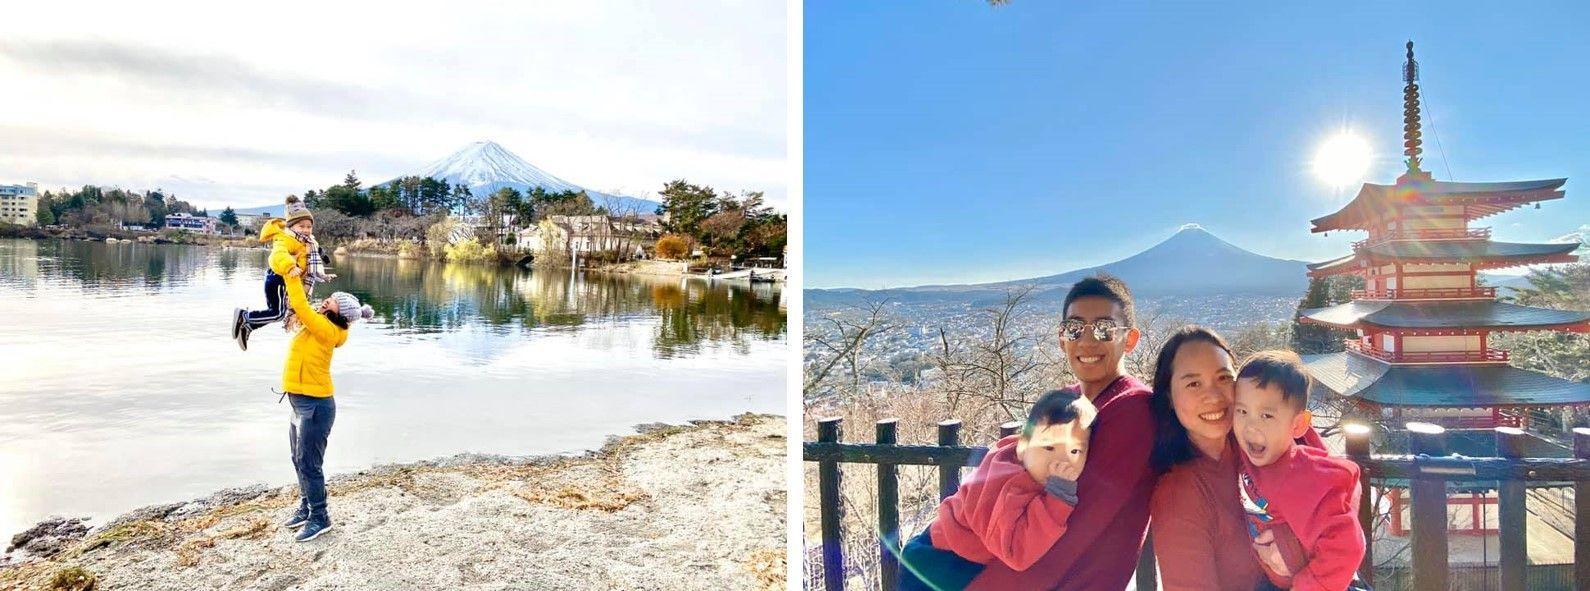 Day 2 - Majestic Mt. Fuji and Yamanashi Prefecture